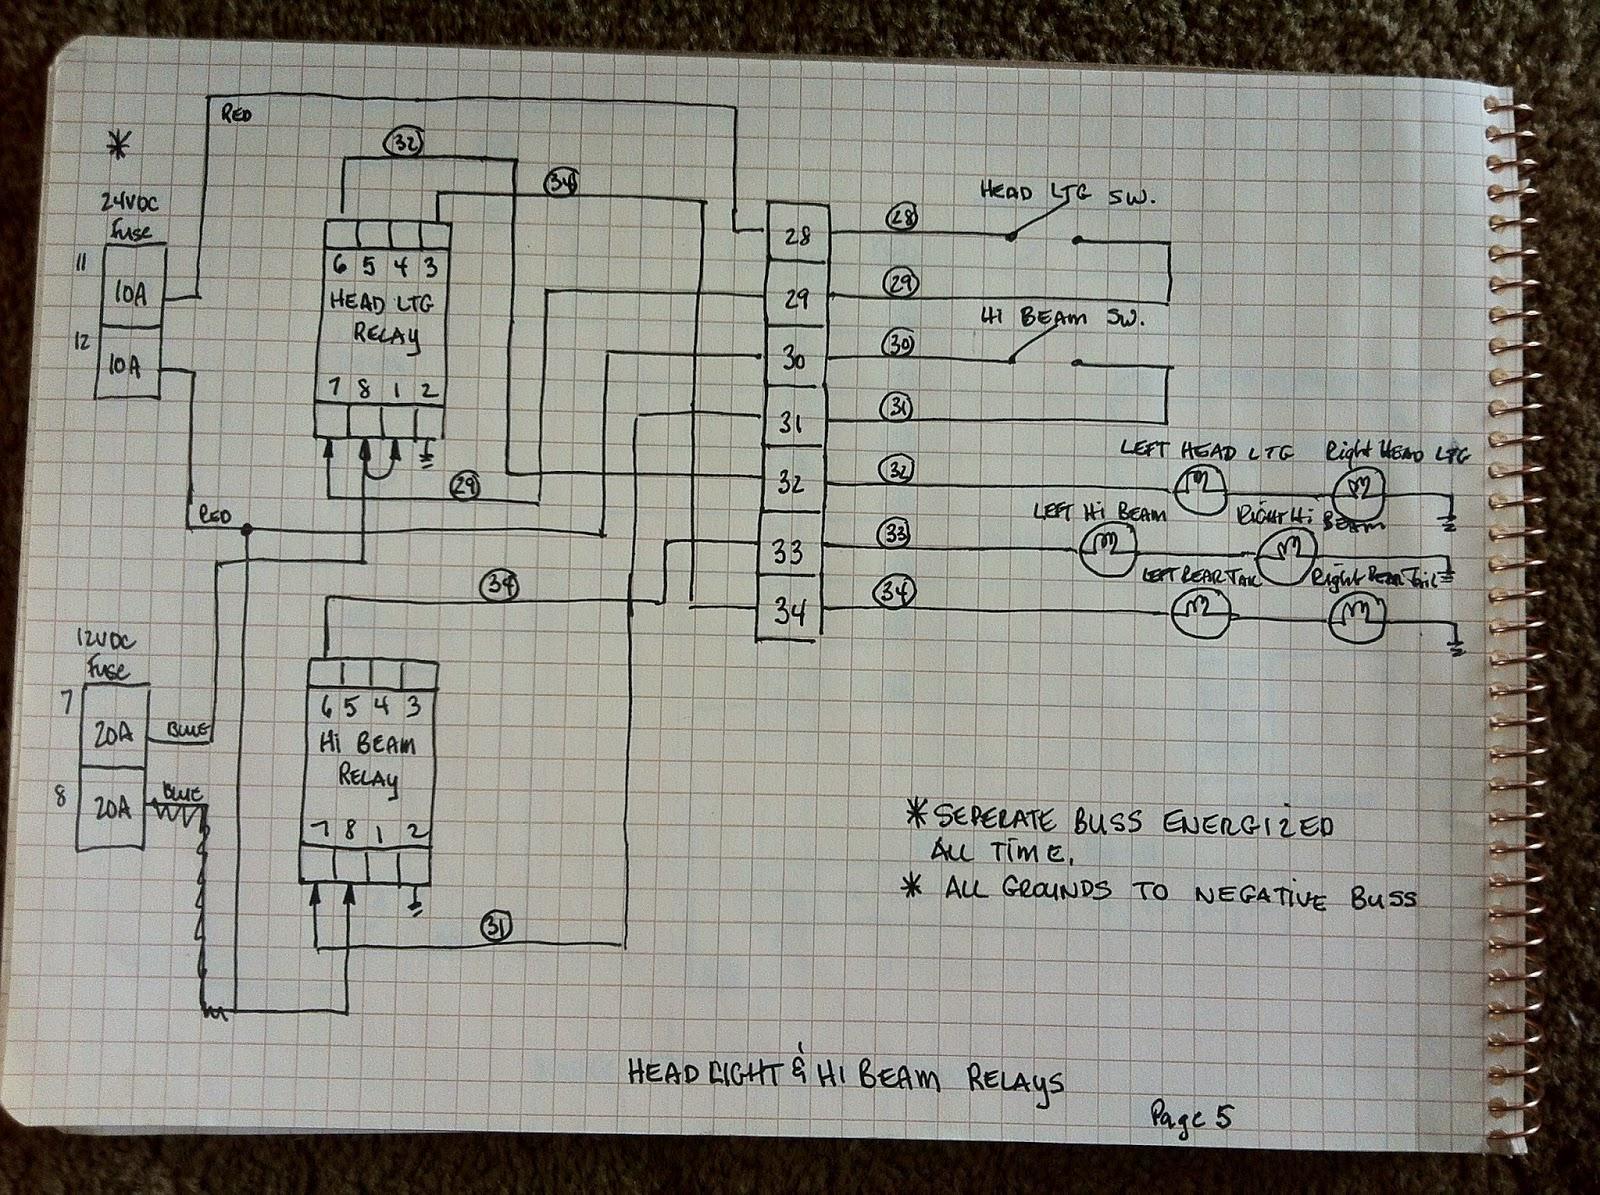 prevost car wiring schematic wiring diagram blog prevost car wiring schematic [ 1600 x 1195 Pixel ]